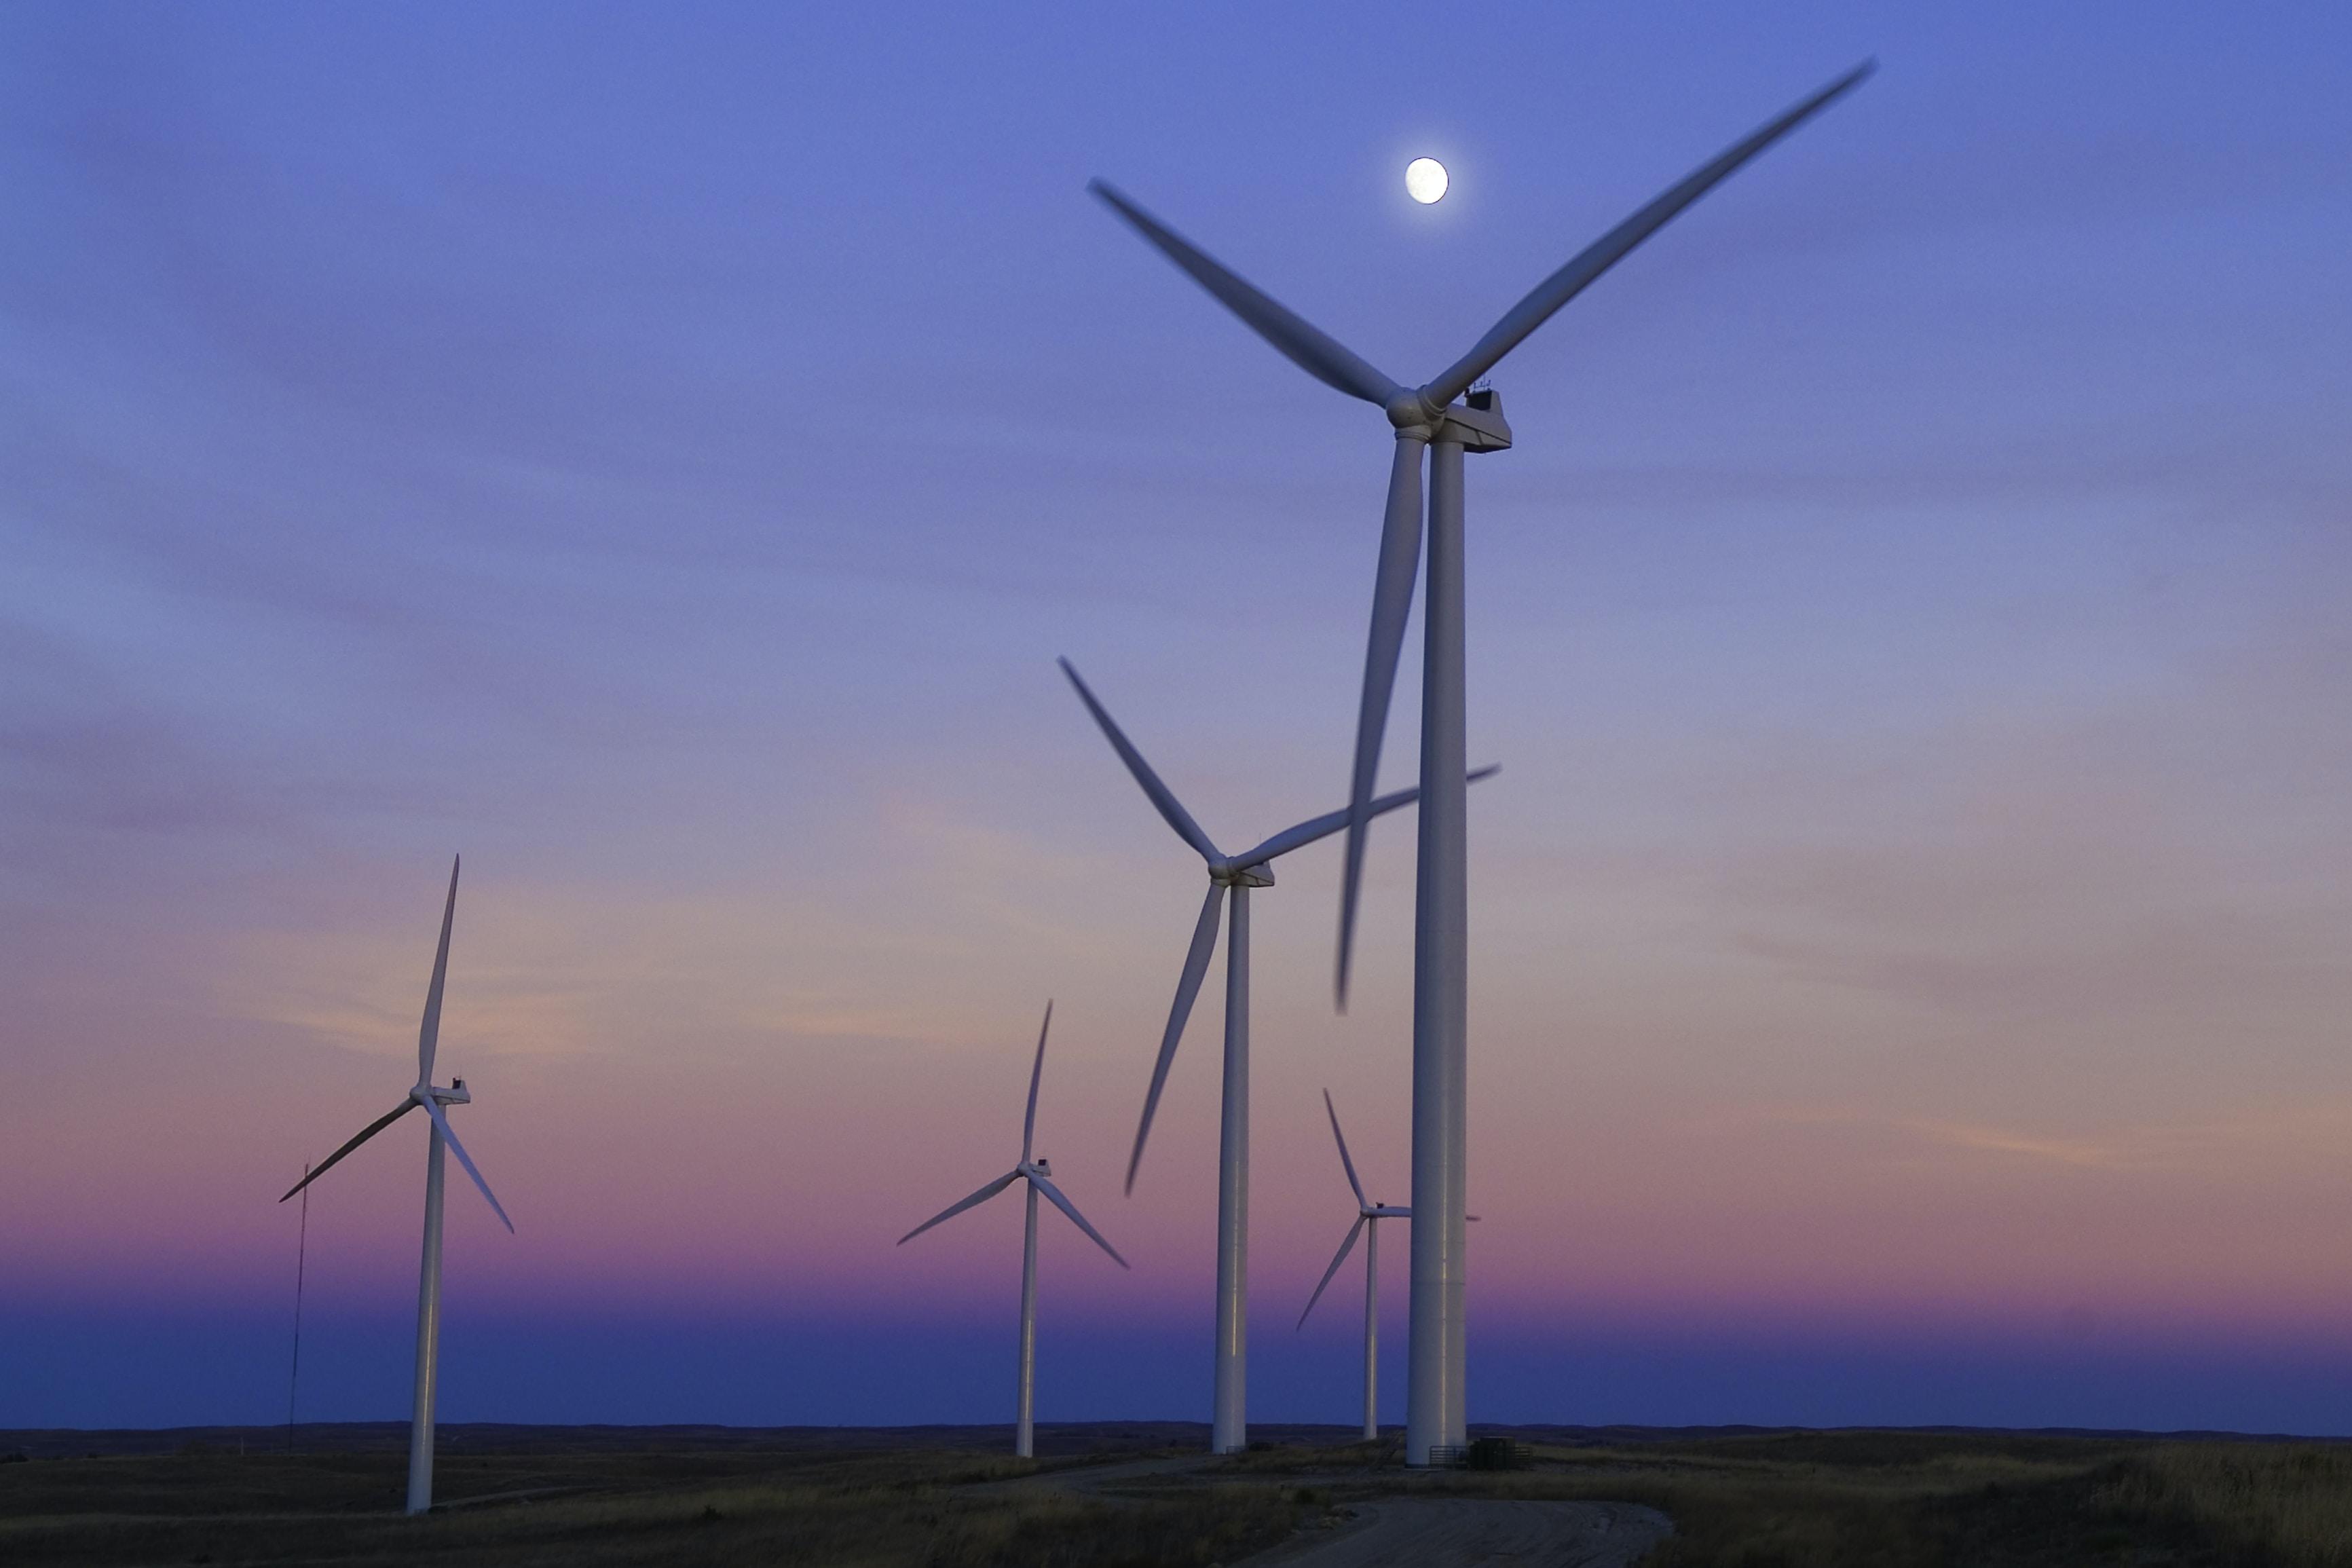 five windmills in front of ocean